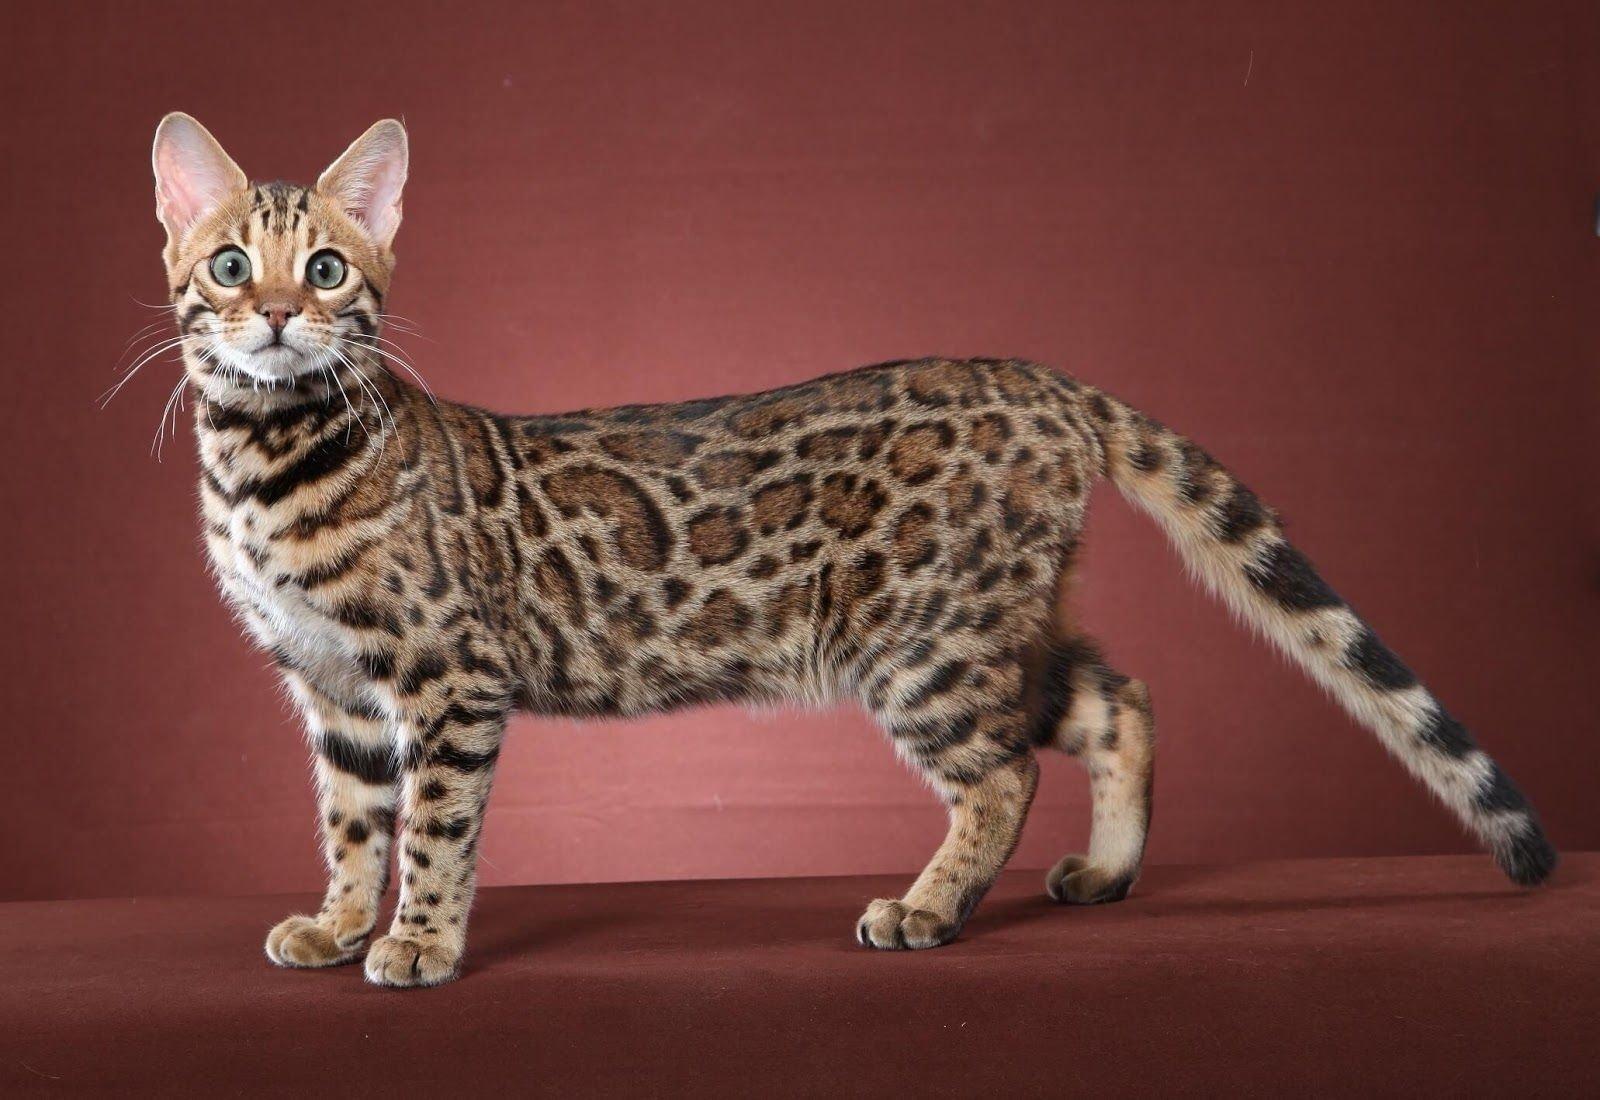 Топ-3 самых здоровых пород кошек: усатые питомцы с самым крепким иммунитетом